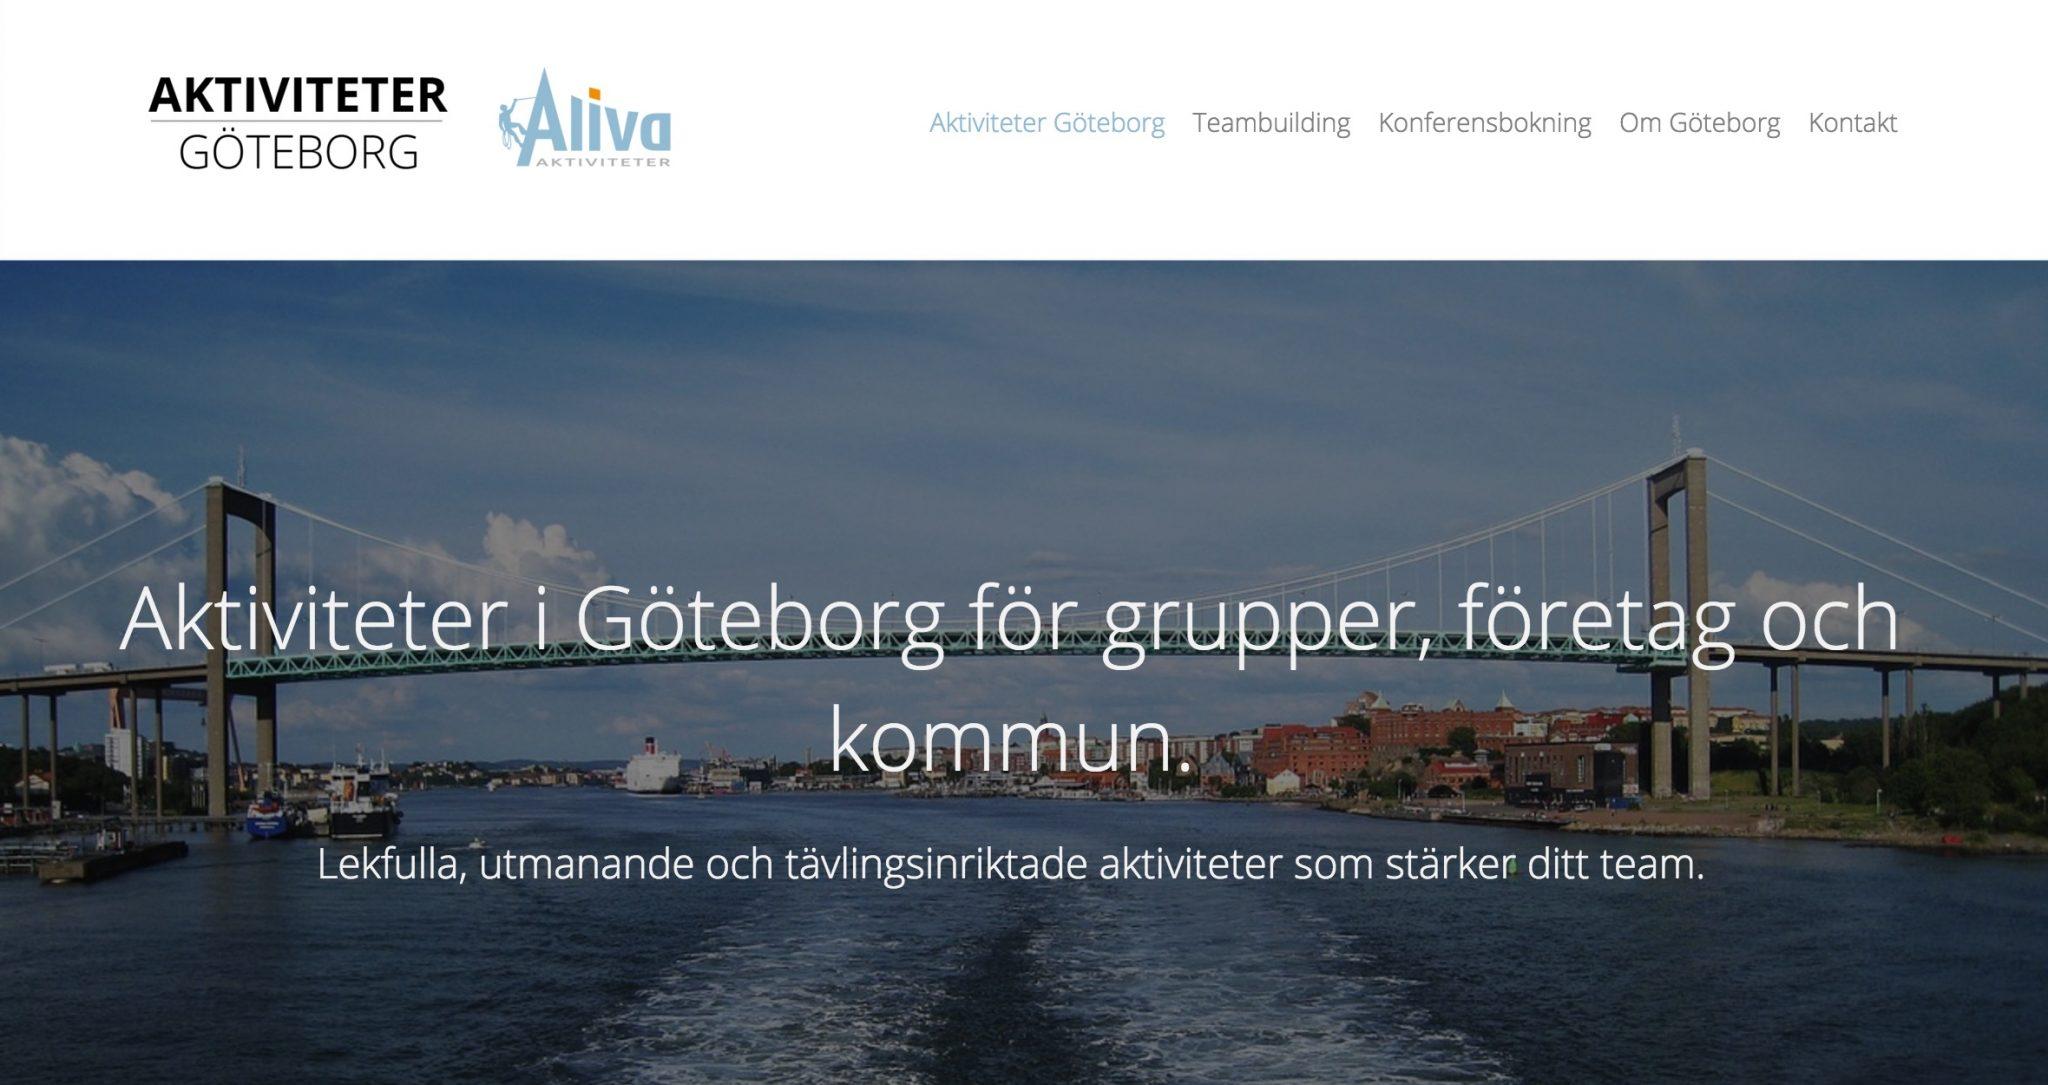 Företagsaktiviteter Göteborg